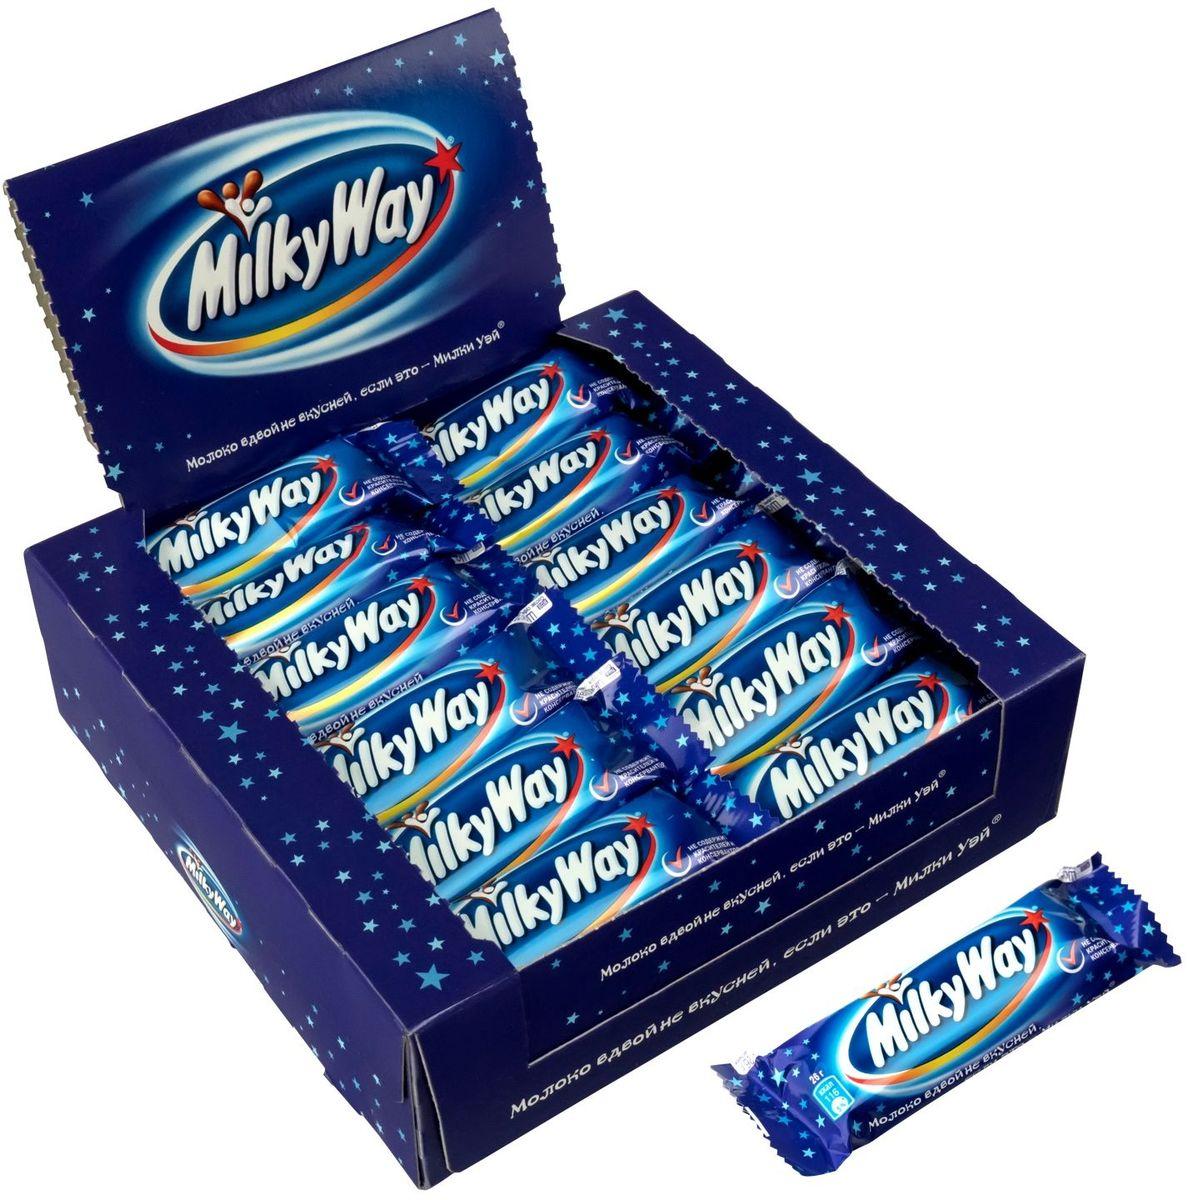 Milky way шоколадный батончик, 36 шт по 26 г79010002Батончик MILKY WAY состоит из нуги, которая намного легче молока. Молочный шоколад, которым покрыт батончик, делает вкус MILKY WAY незабываемо нежным. Порадуйте юных сладкоежек!